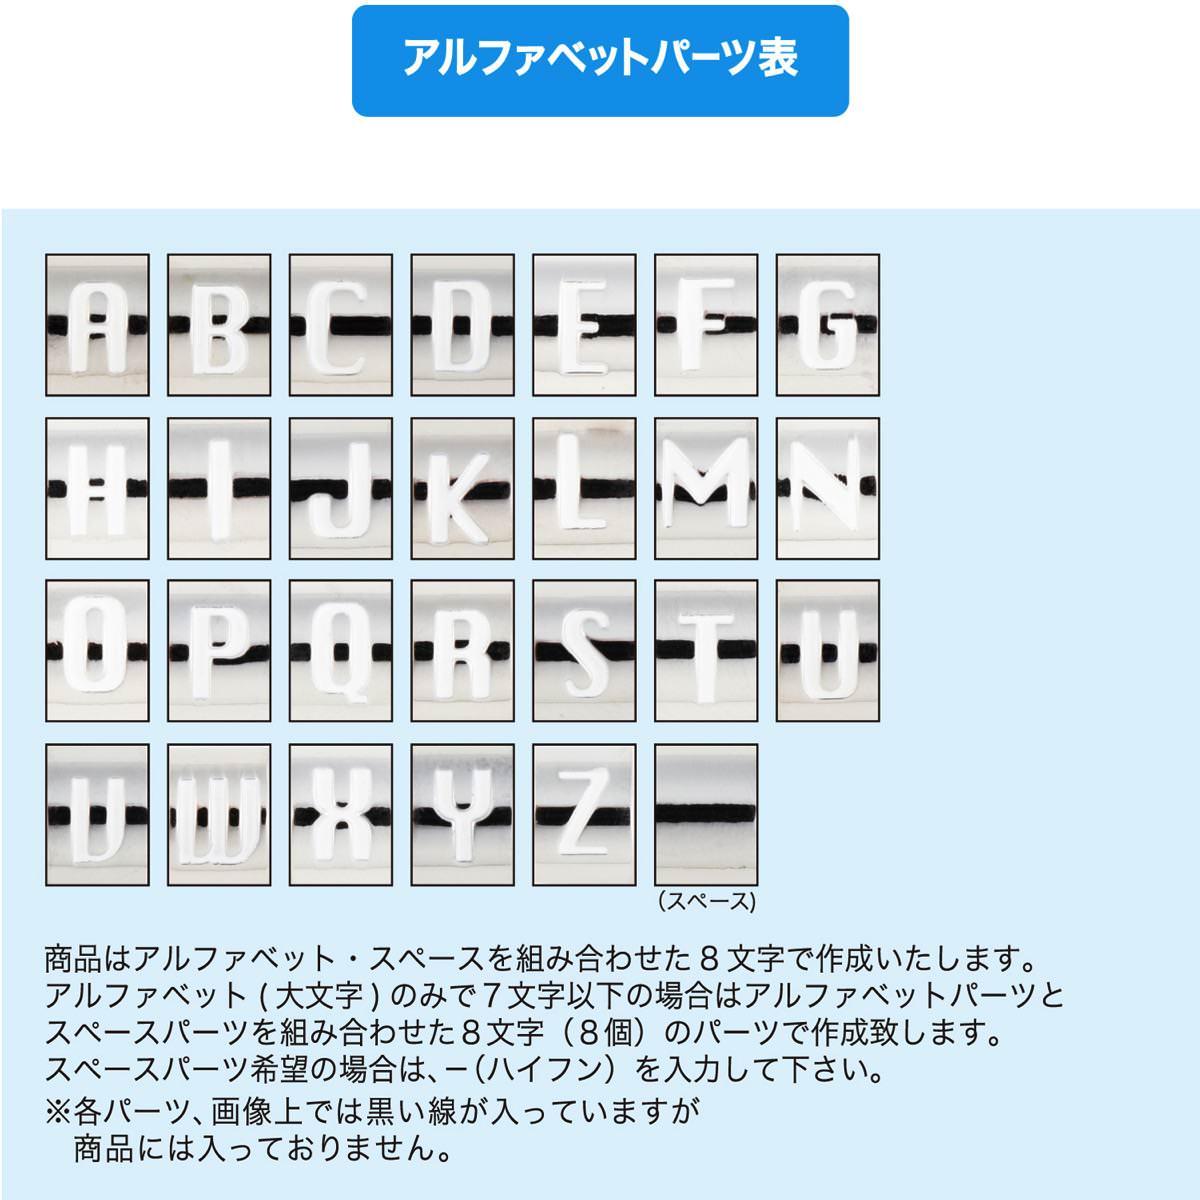 キャラクターキーチェーン パーツ表